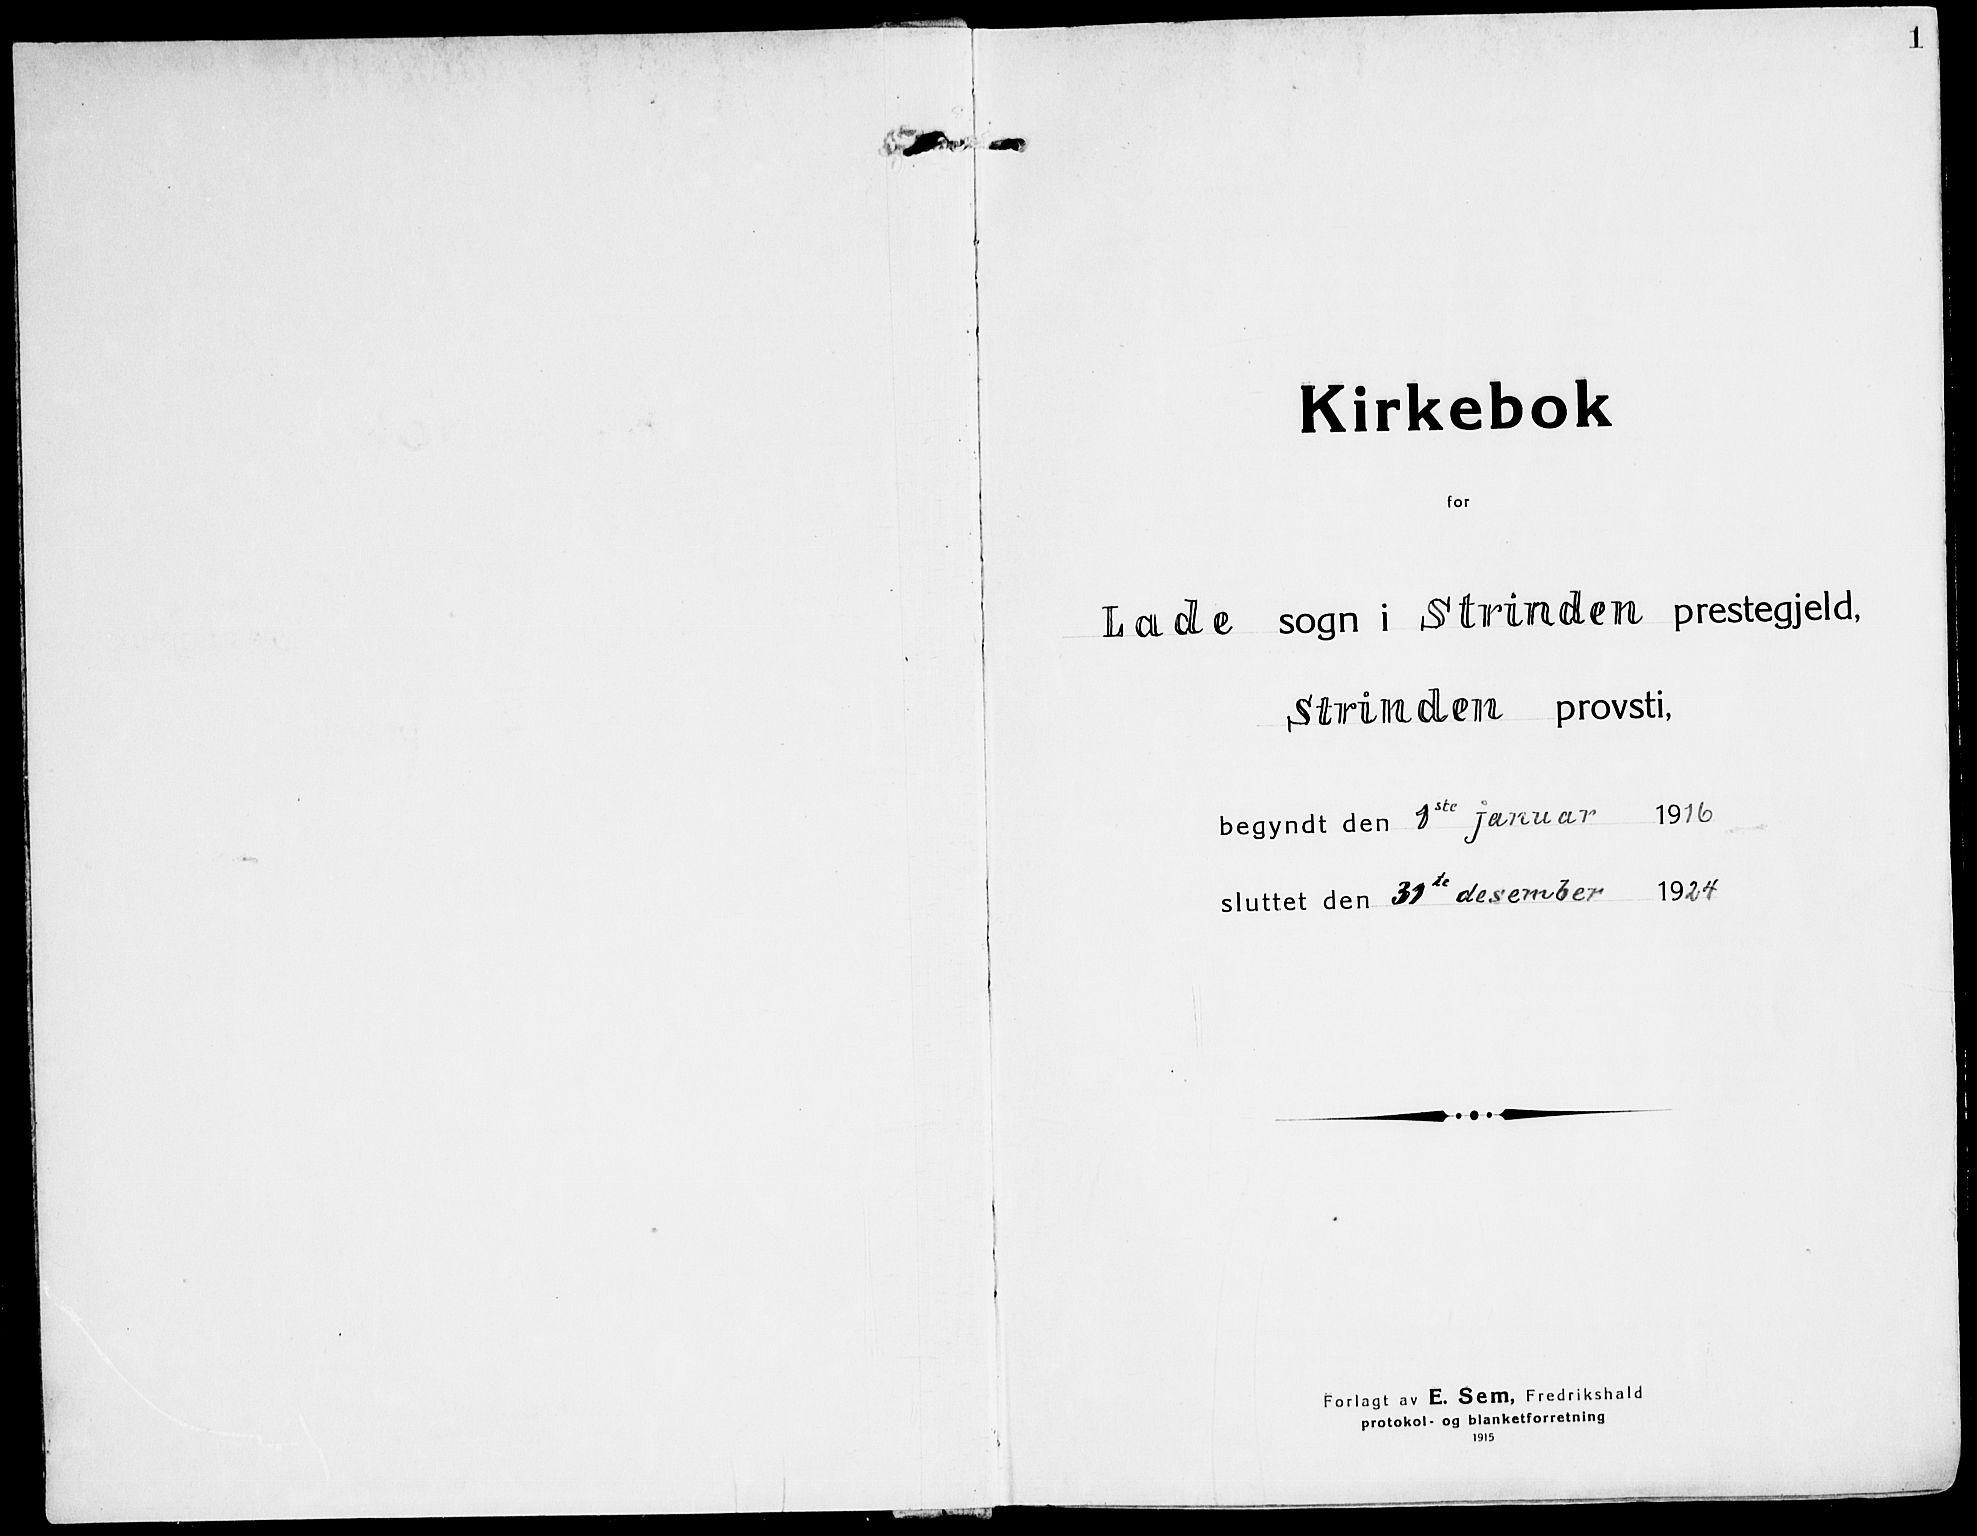 SAT, Ministerialprotokoller, klokkerbøker og fødselsregistre - Sør-Trøndelag, 607/L0321: Ministerialbok nr. 607A05, 1916-1935, s. 0-1